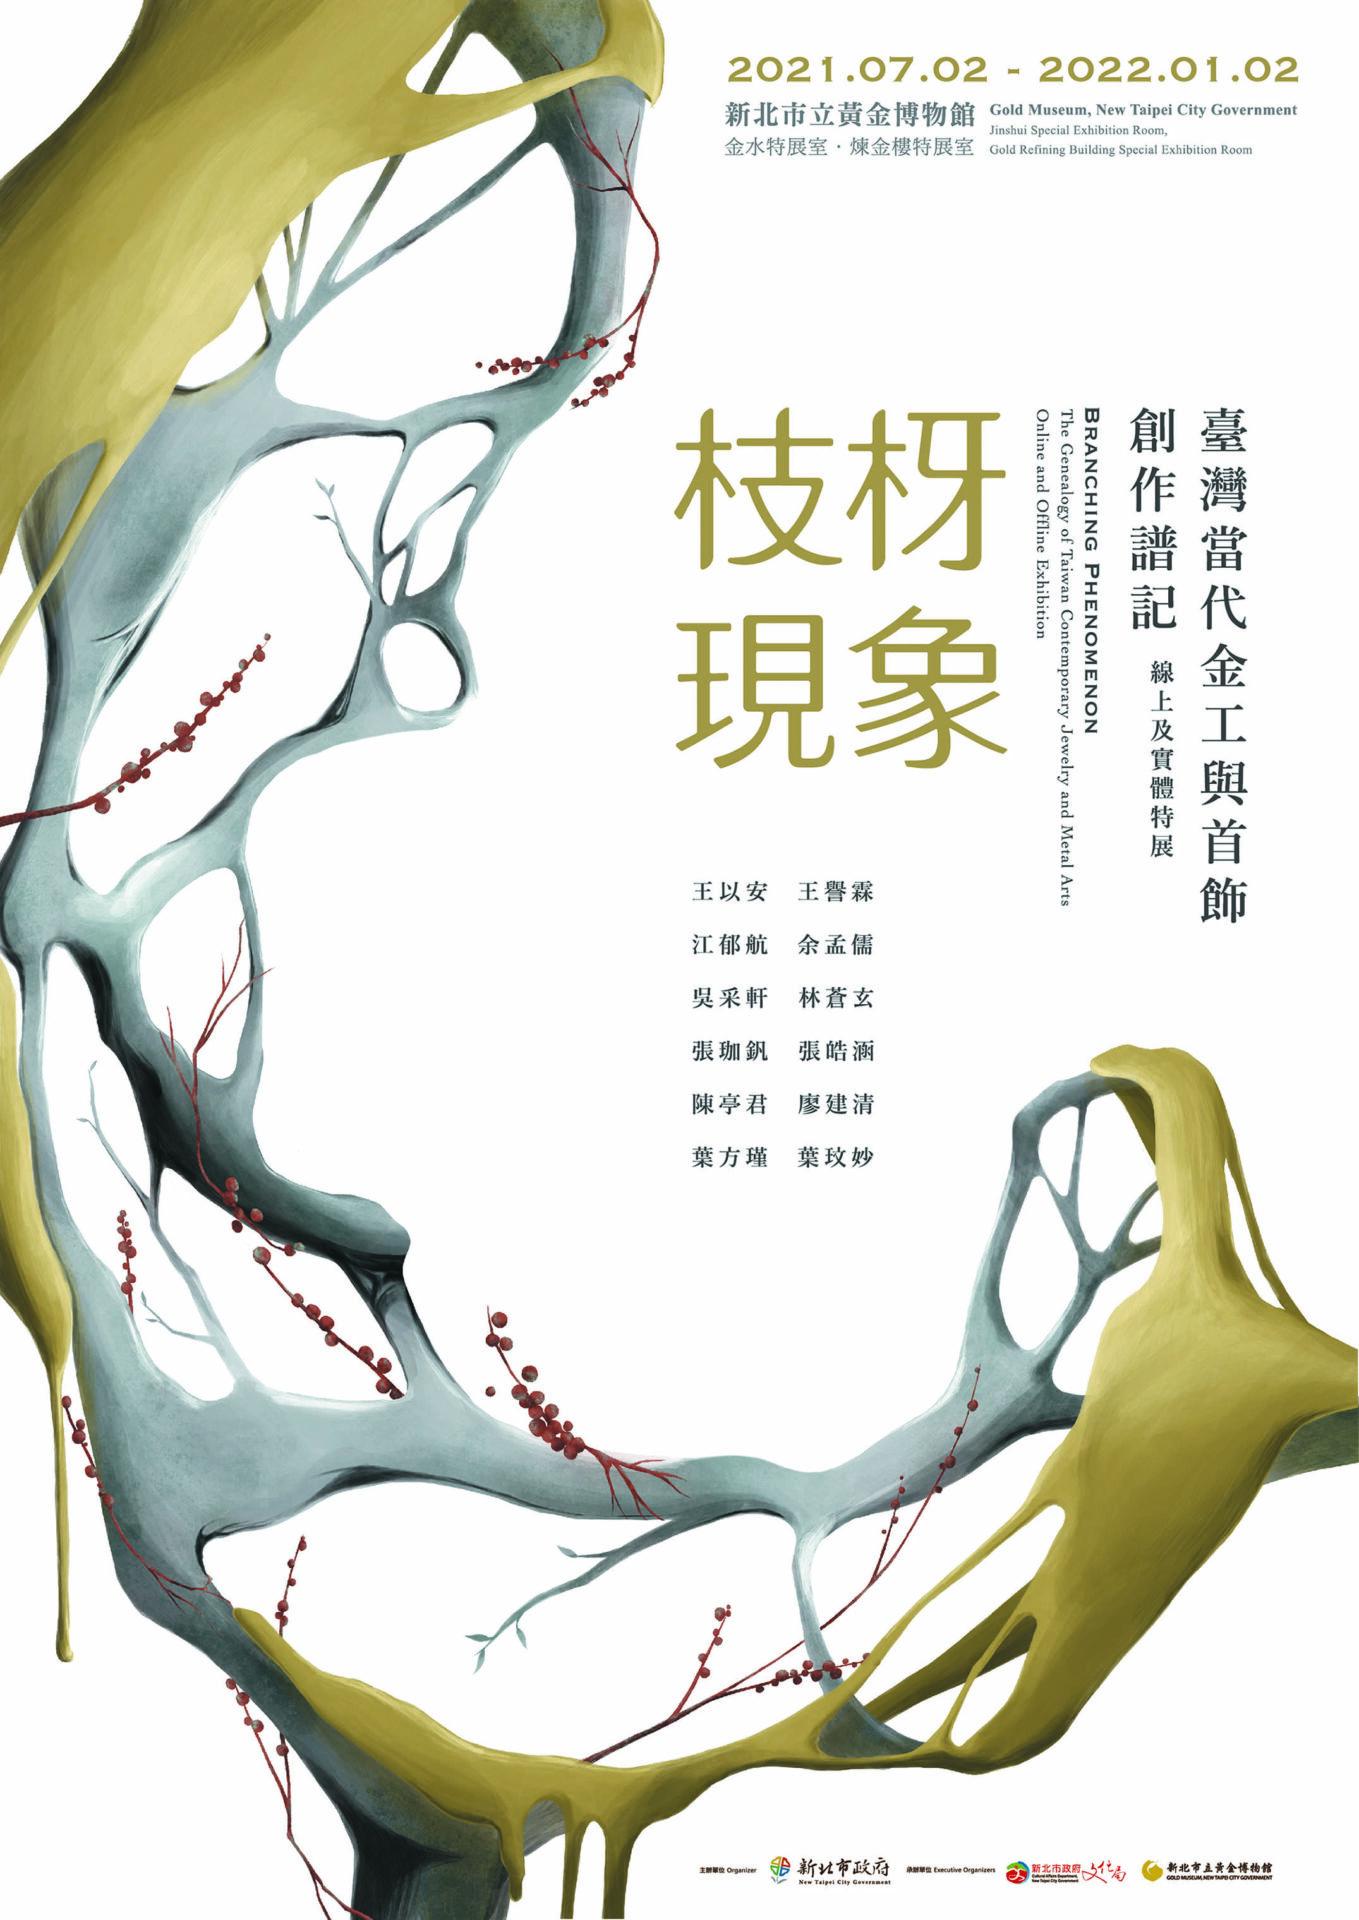 新北市立黃金博物館:2021/7/2-2022/1/2【枝枒現象–臺灣當代金工與首飾創作譜記線上及實體特展】